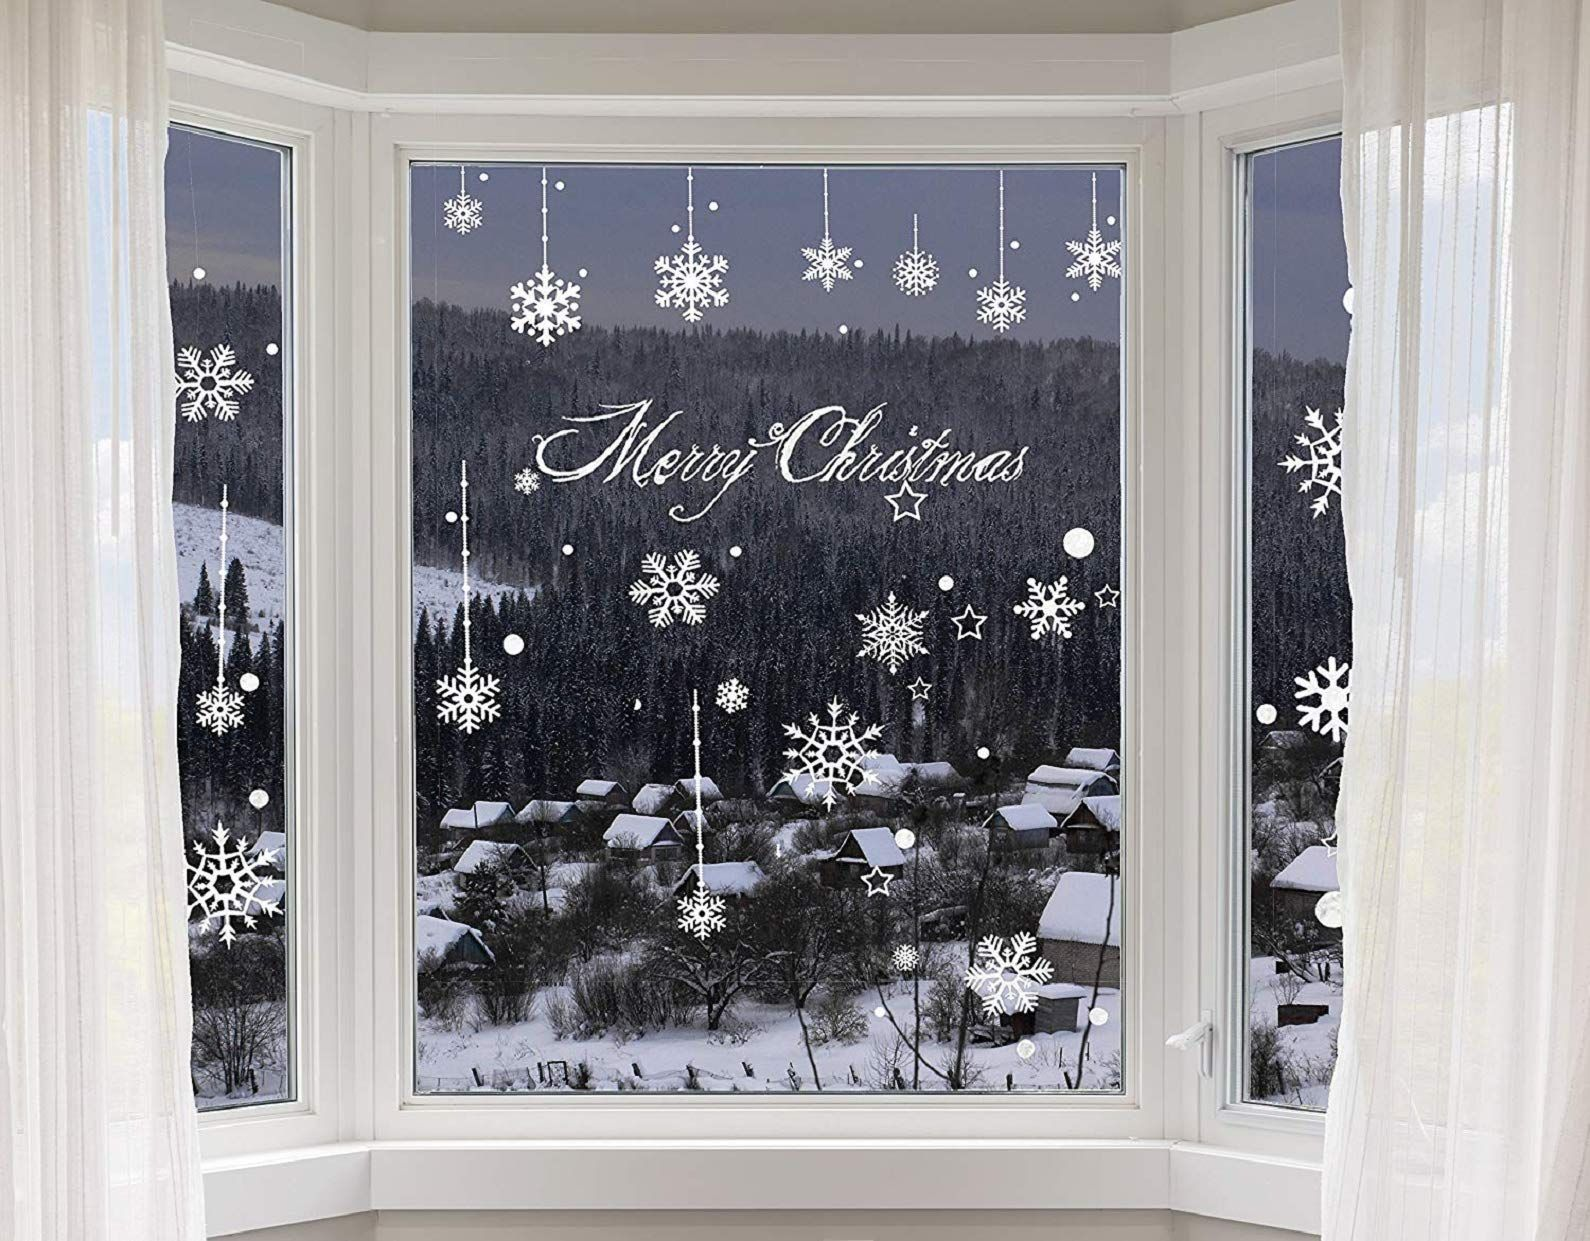 Decorazione Finestre Per Natale : Heekpek adesivi fiocchi neve di natale fiocchi di neve decorazione